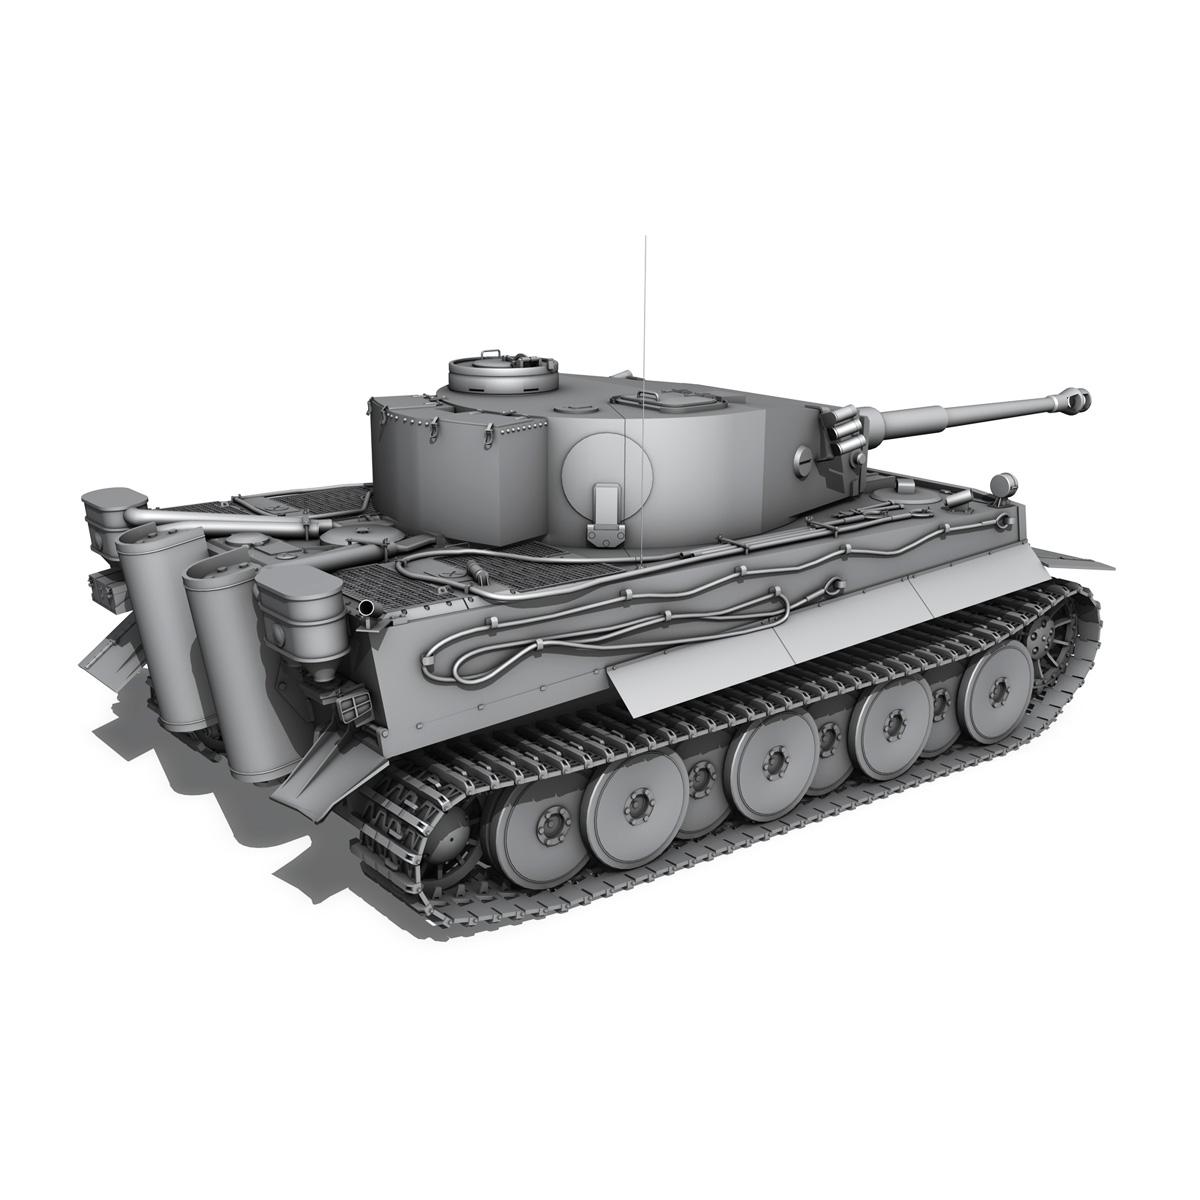 panzer vi – tiger – early production 3d model 3ds fbx c4d lwo obj 202263